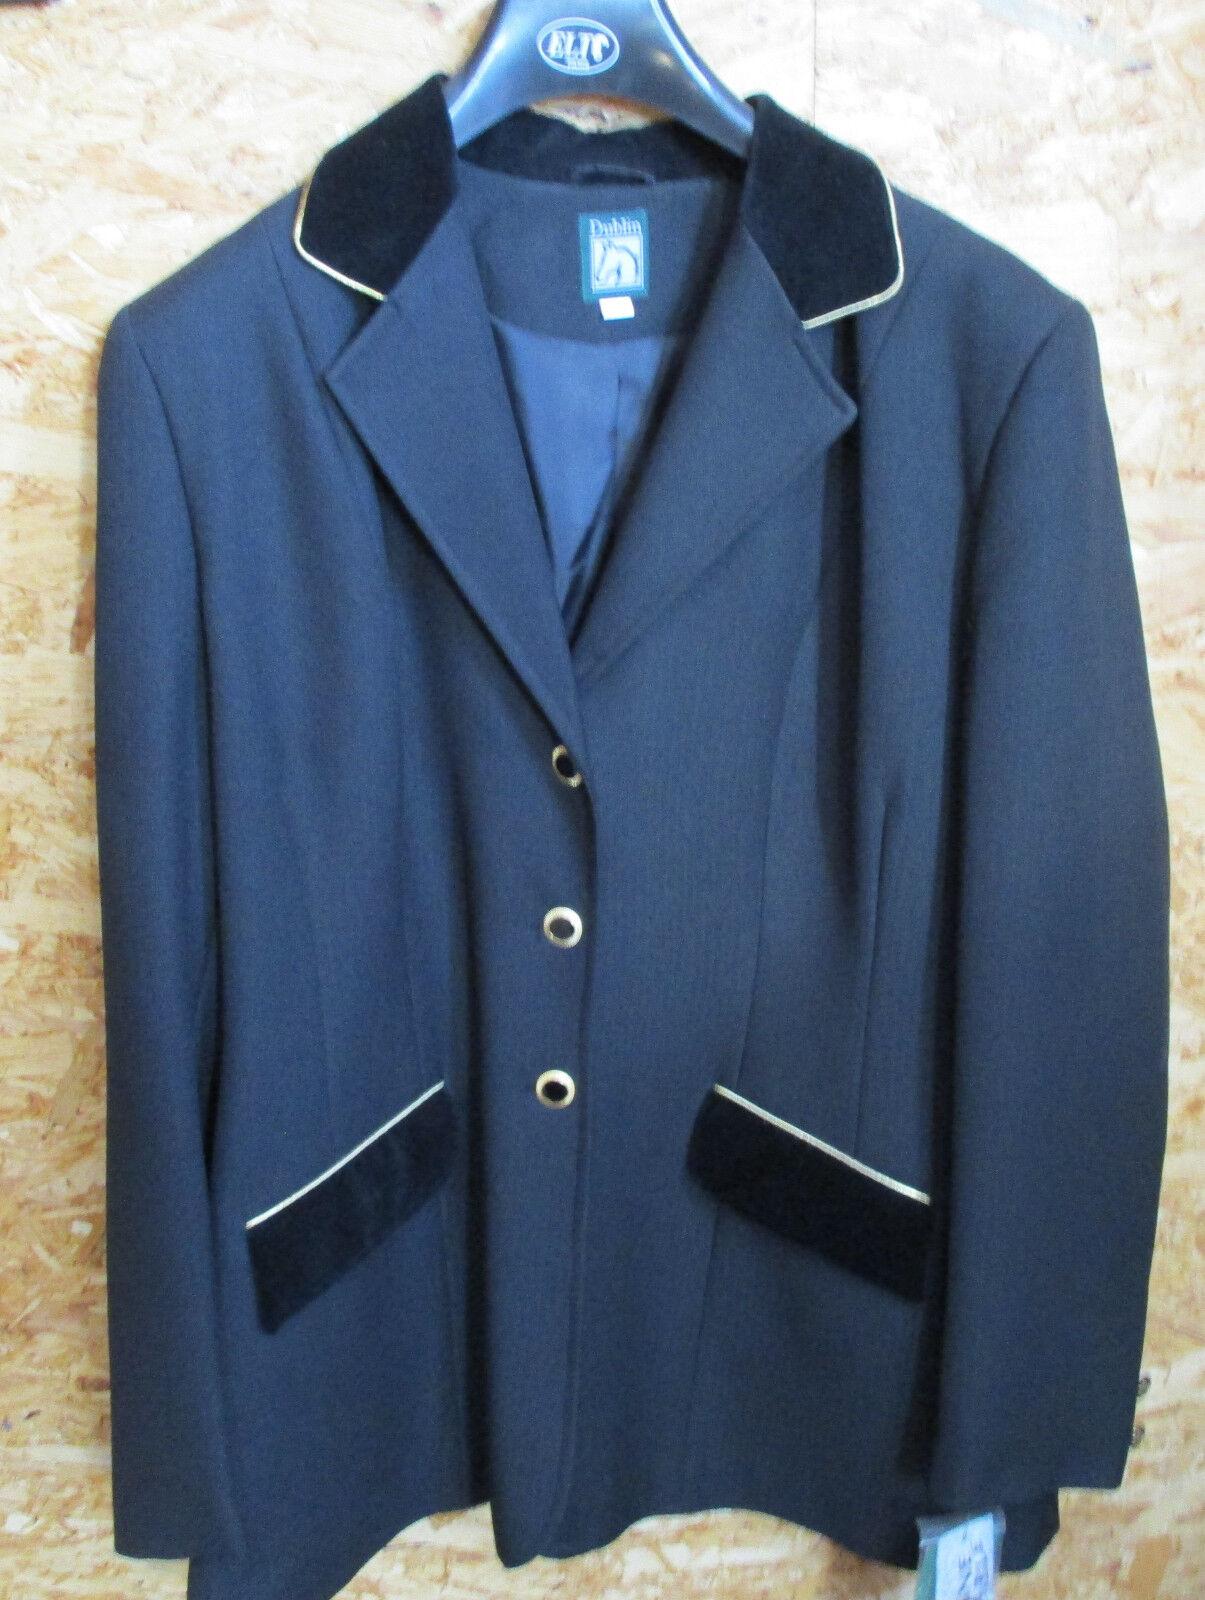 Señora Señora Señora turnierjacket, reitsakko, Dublin negro, cuello de terciopelo, talla 42 b64643